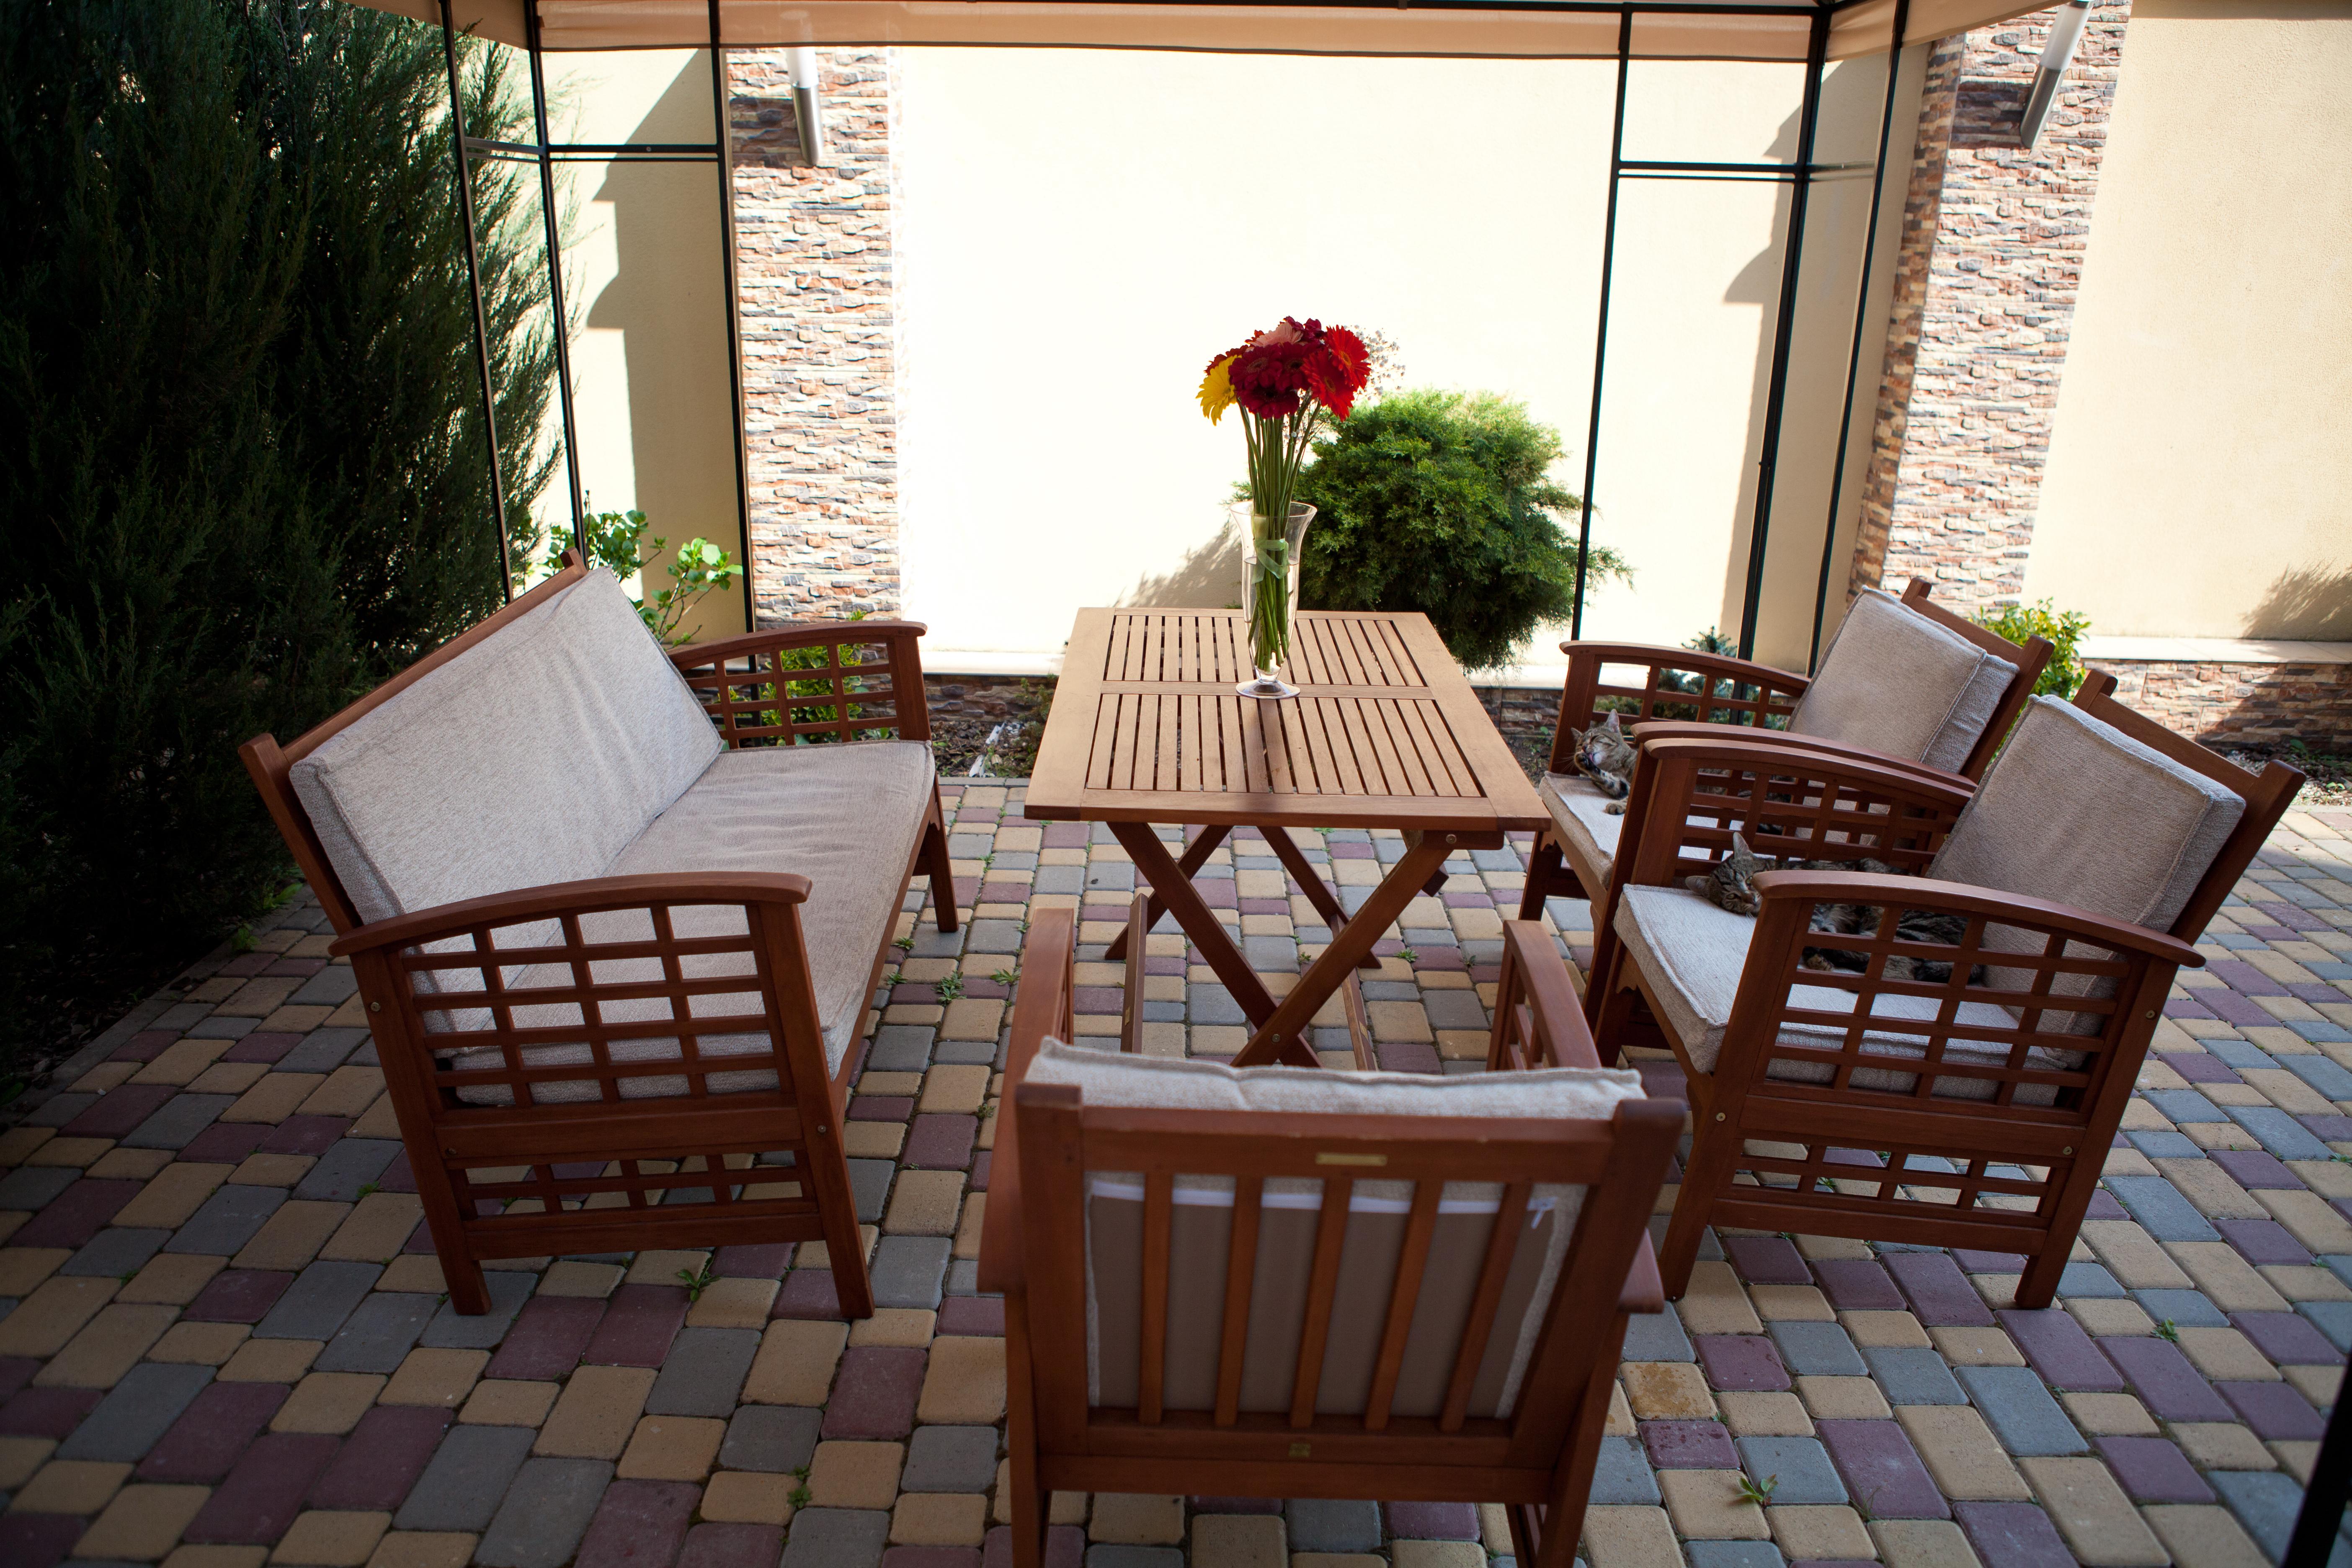 hotel-terrace (2)